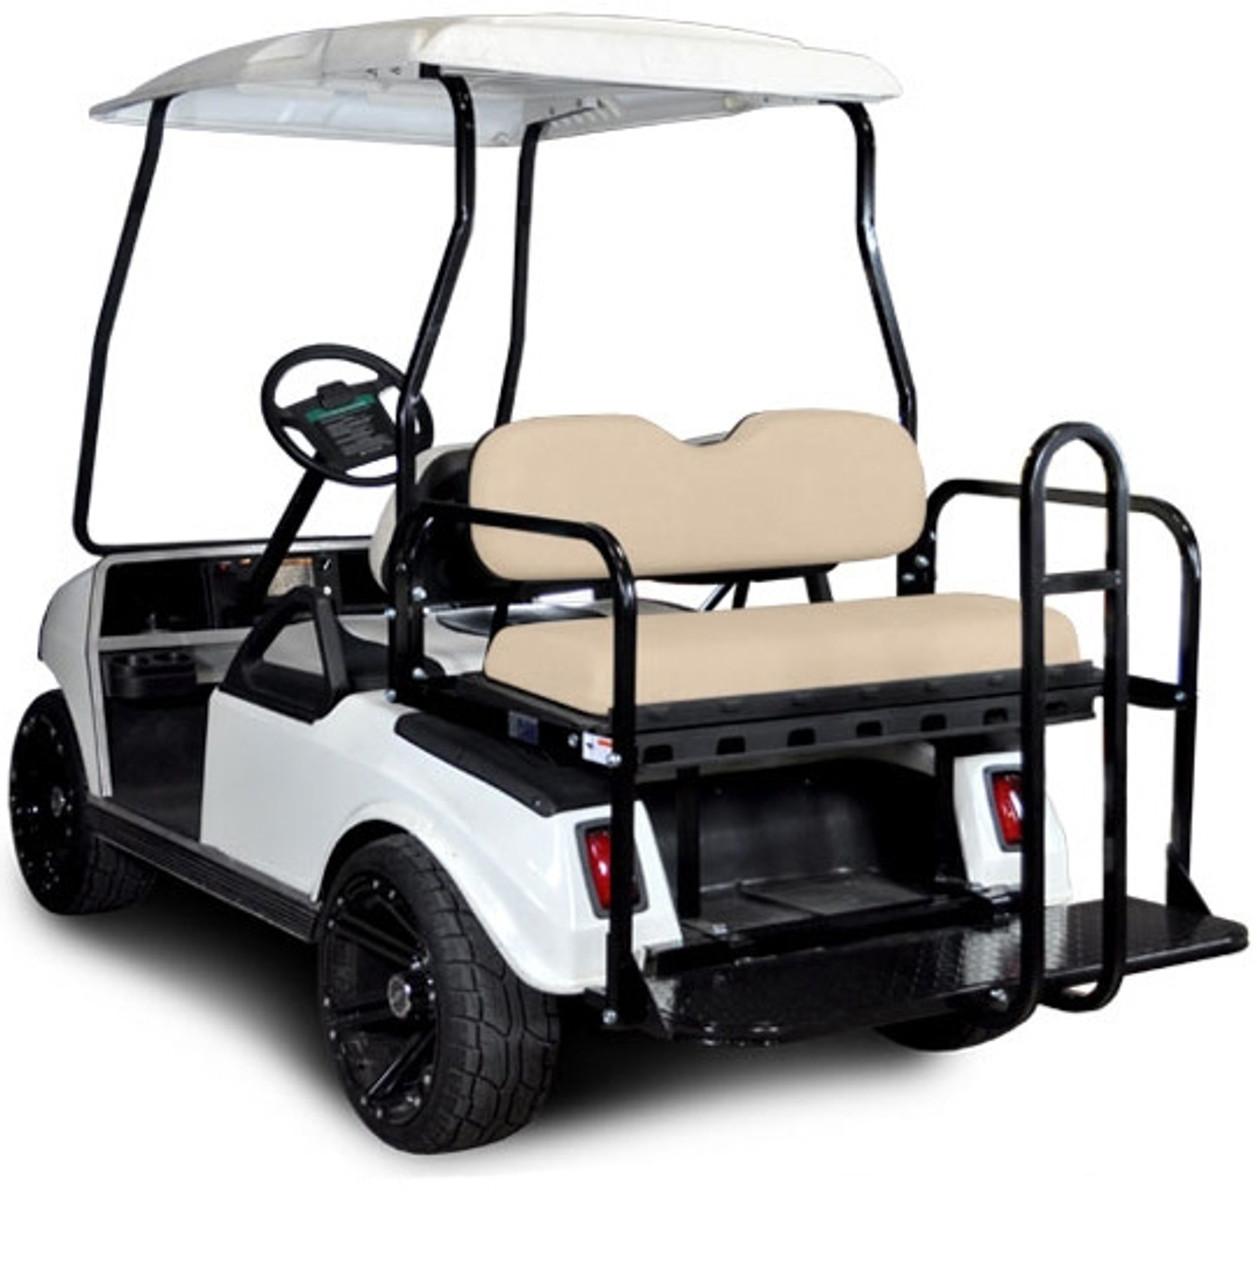 Madjax Genesis 150 Club Car Rear Flip Seat Kit Ds